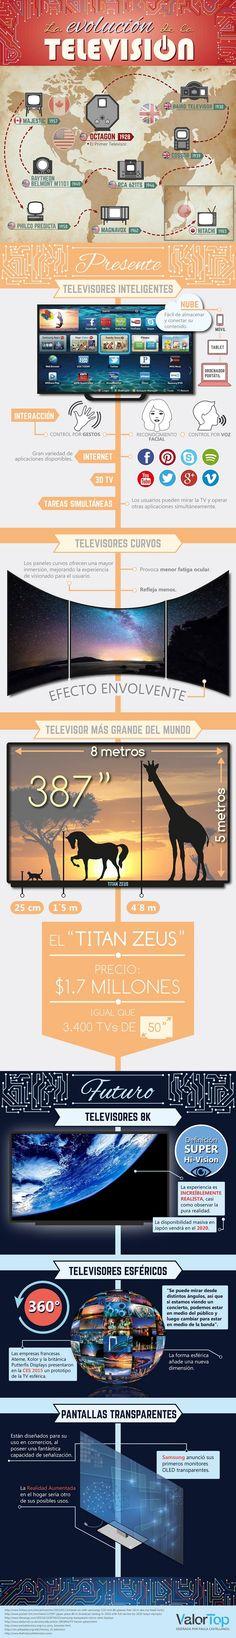 La evolución de la Televisión